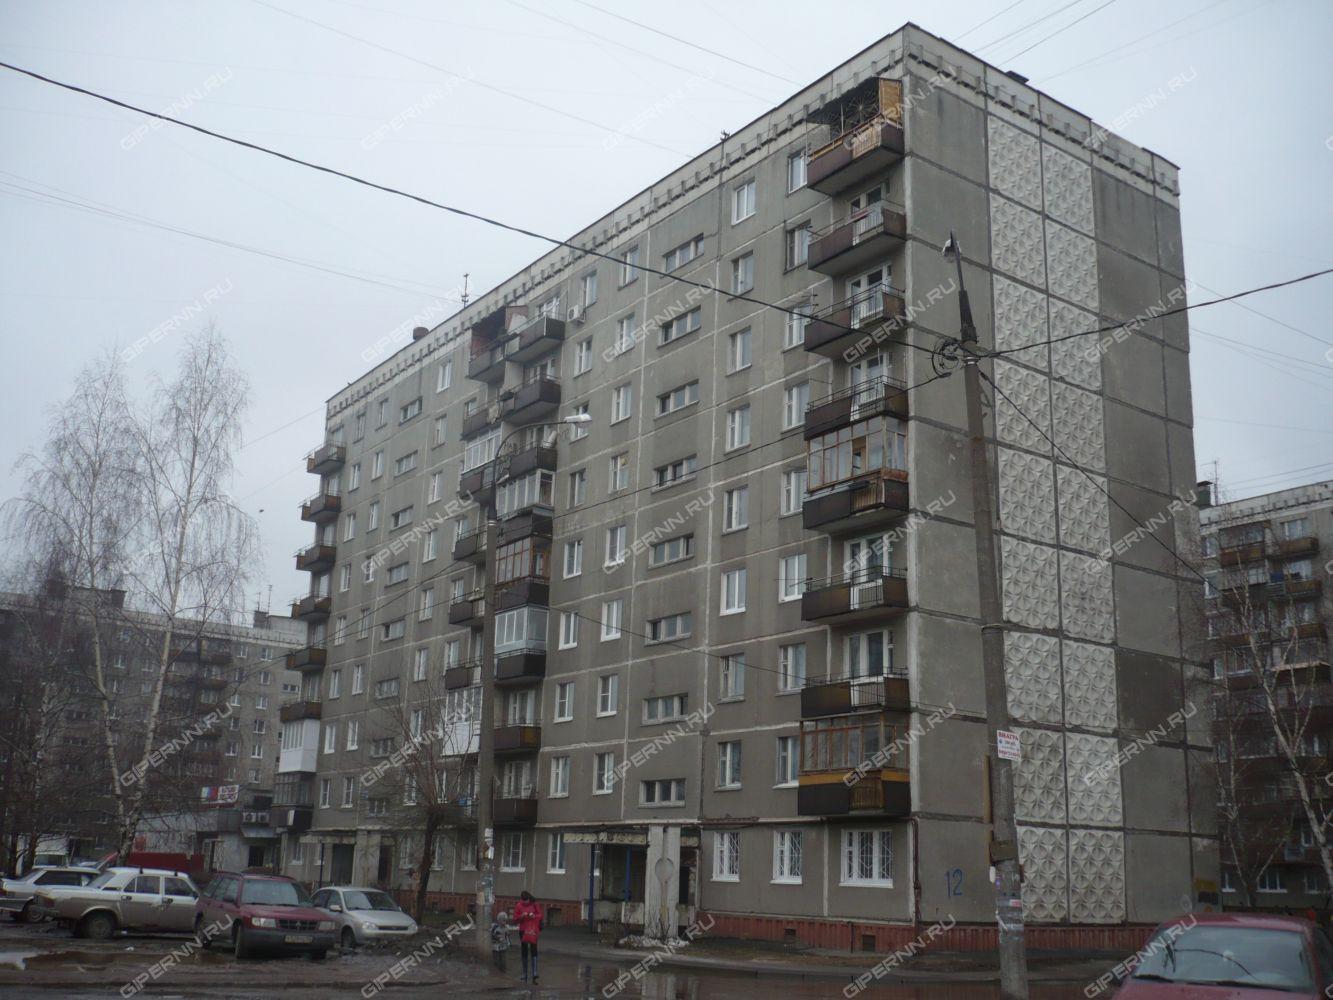 Какие панельные дома в Москве лучше, описание, сравнение